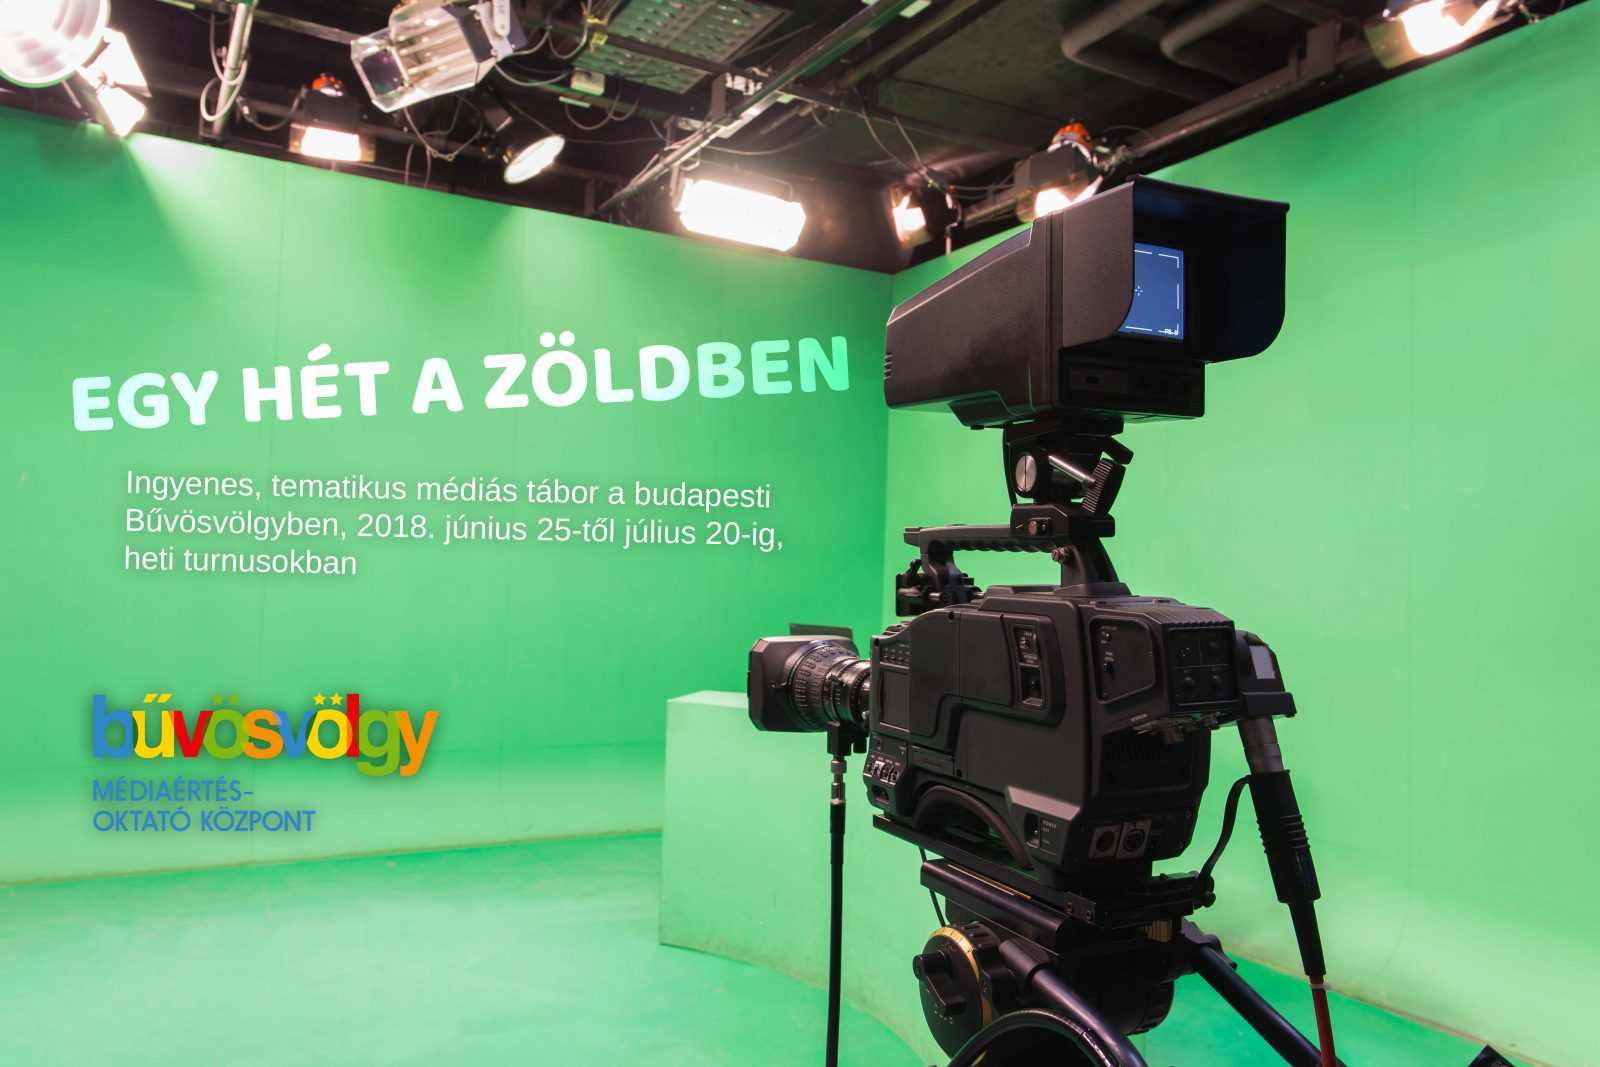 Bűvösvölgy oktatóközpont logó kamerával